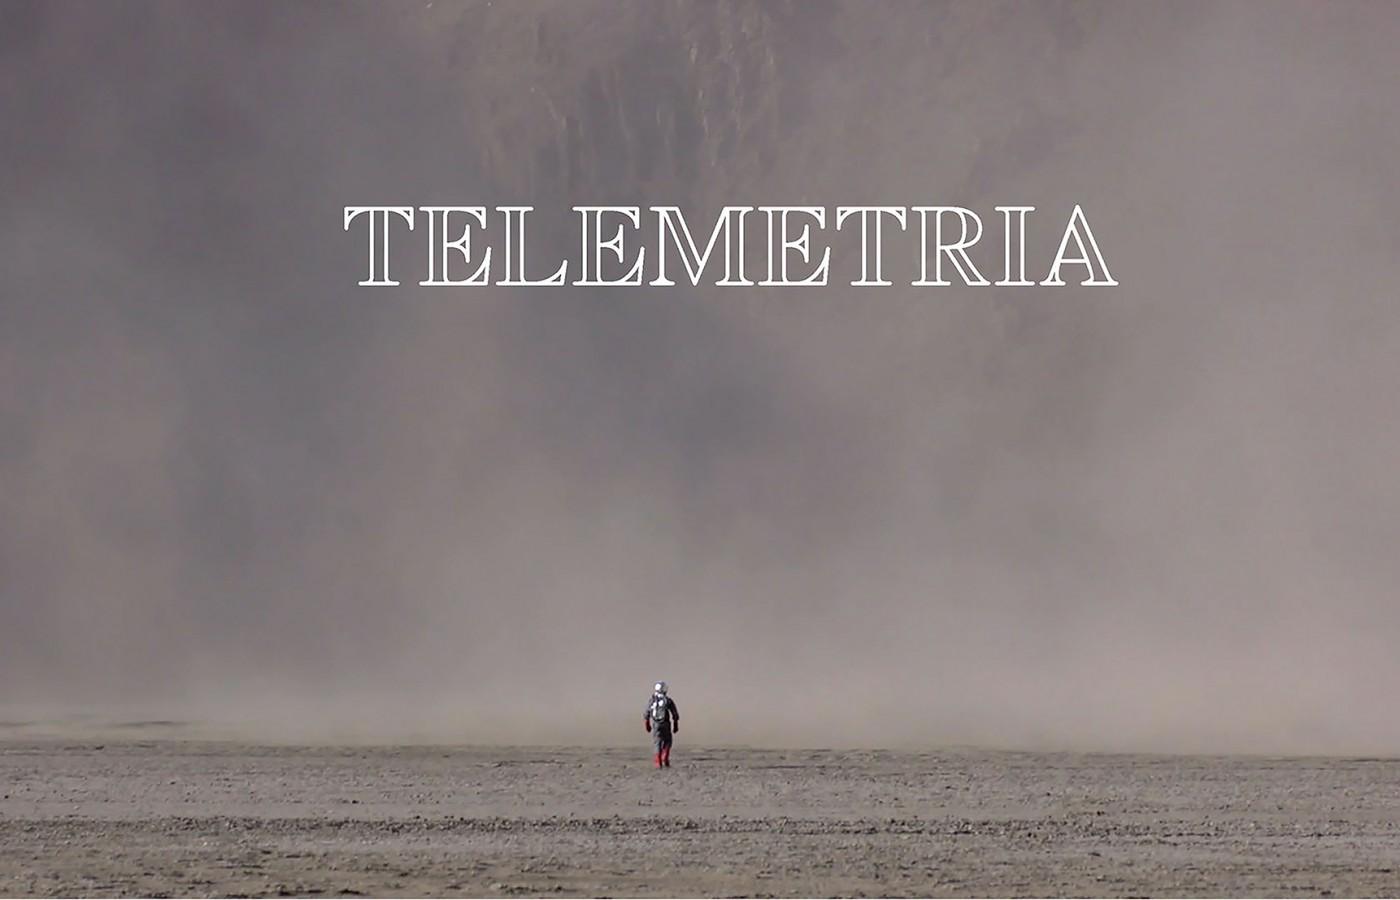 web TELEMETRIA 3